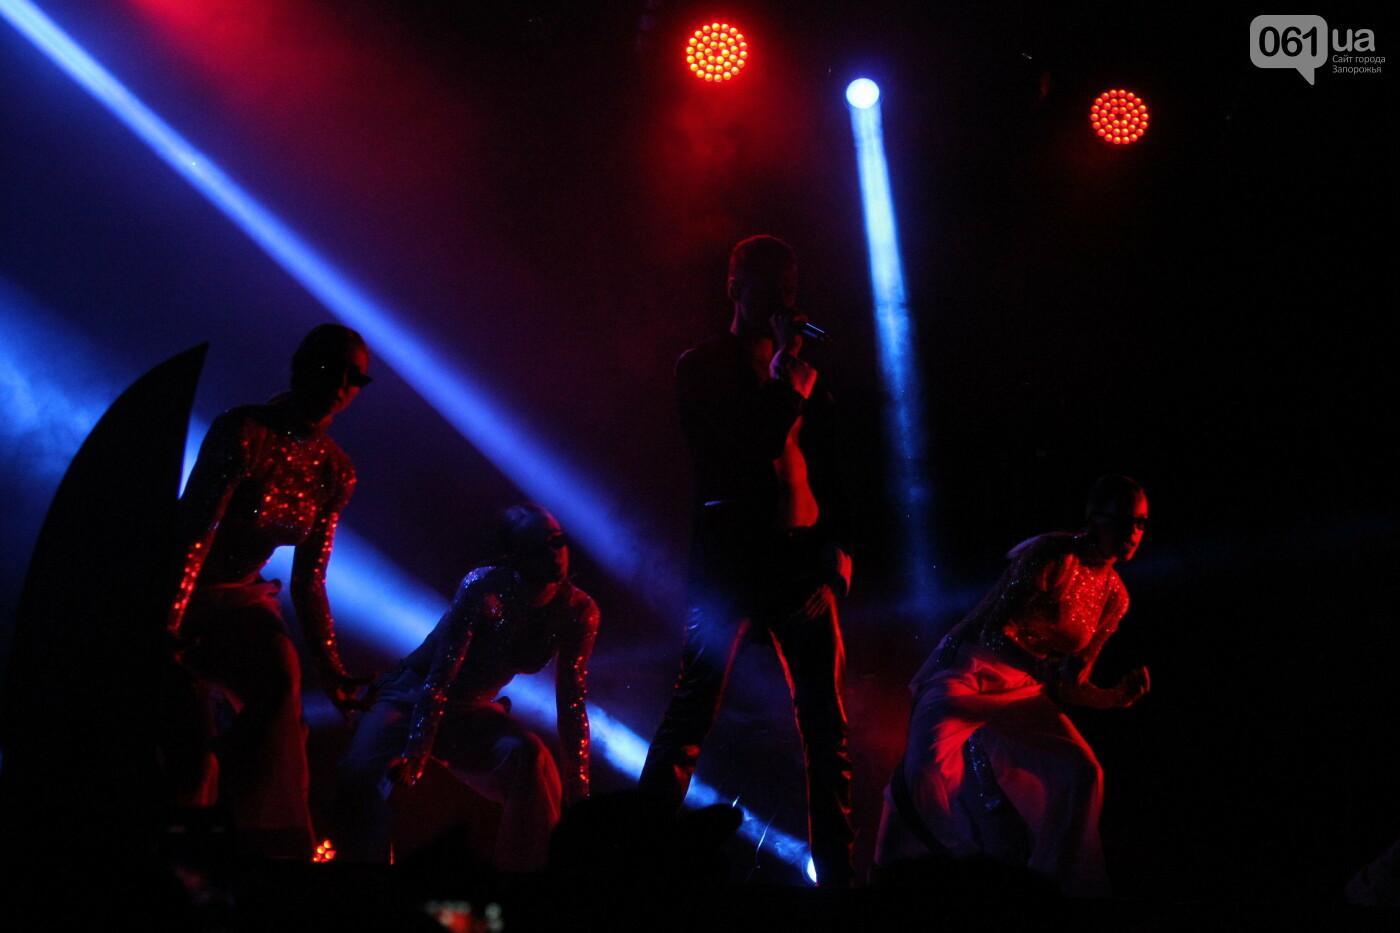 Макс Барских, «АГОНЬ» и TAYANNA: как в Запорожье прошел фестиваль «Пляжный Бум», – ФОТОРЕПОРТАЖ, фото-66